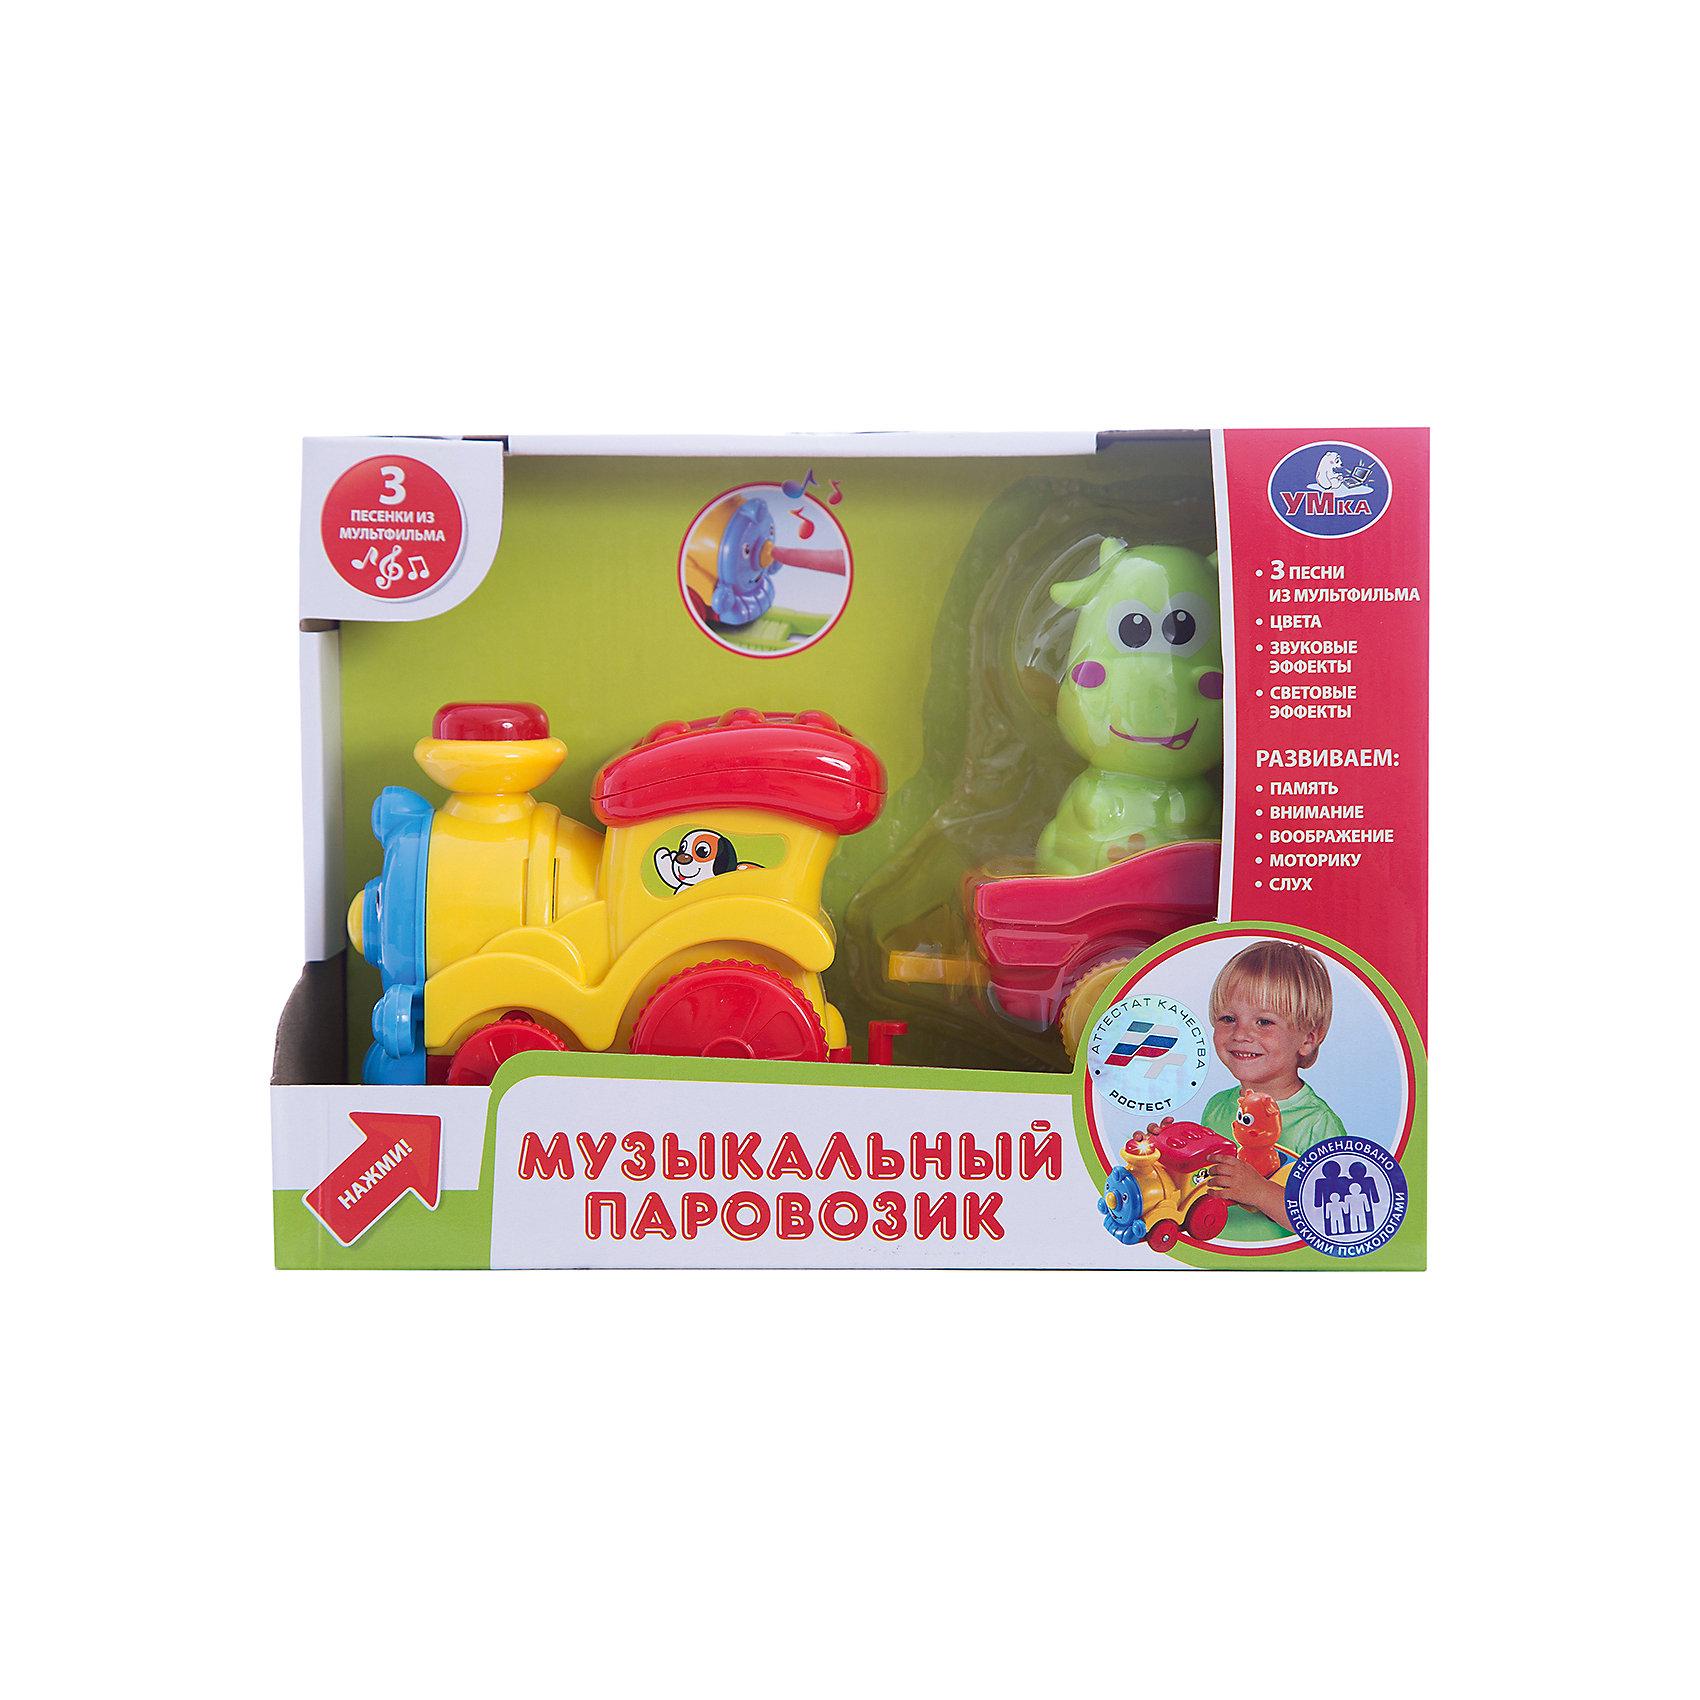 Паровозик музыкальный, УмкаИнтерактивные игрушки для малышей<br><br><br>Ширина мм: 180<br>Глубина мм: 90<br>Высота мм: 240<br>Вес г: 360<br>Возраст от месяцев: 36<br>Возраст до месяцев: 60<br>Пол: Унисекс<br>Возраст: Детский<br>SKU: 6848797